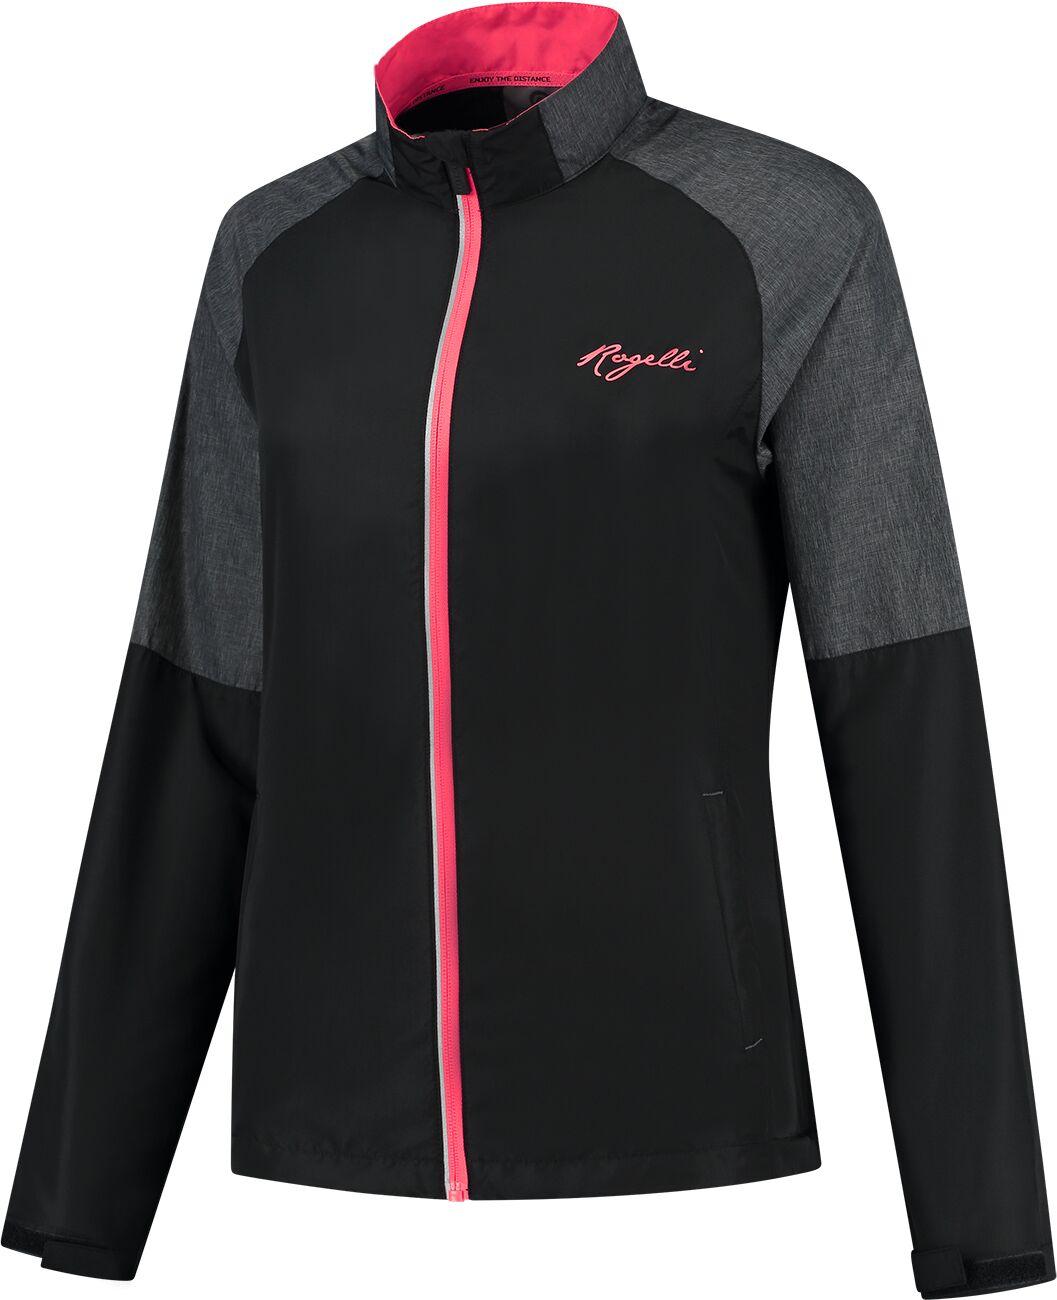 ROGELLI damska kurtka do biegania ENJOY black ROG351112 Rozmiar: XS,ROG351112.XS